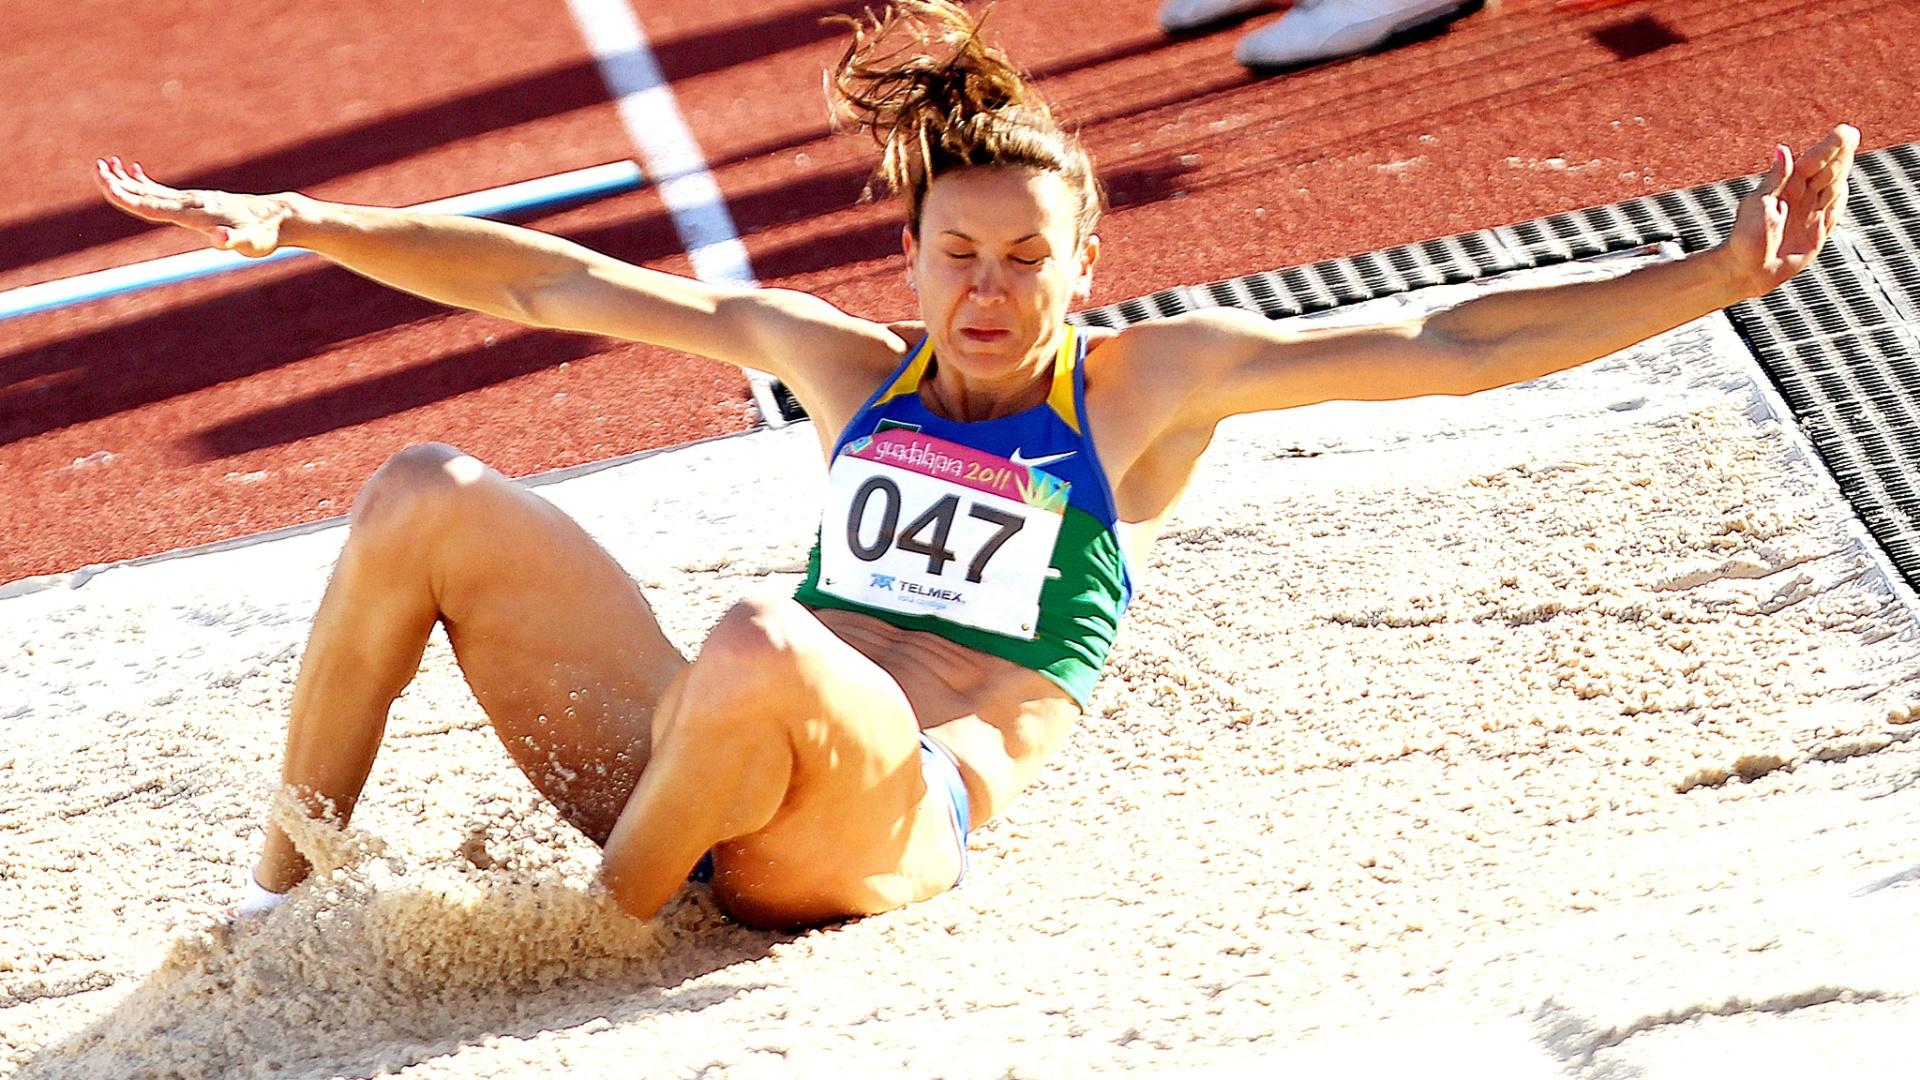 Maurren Maggi realiza salto de 6,94 m, seu melhor na temporada, durante a final do salto em distância no Pan (26/10/2011)